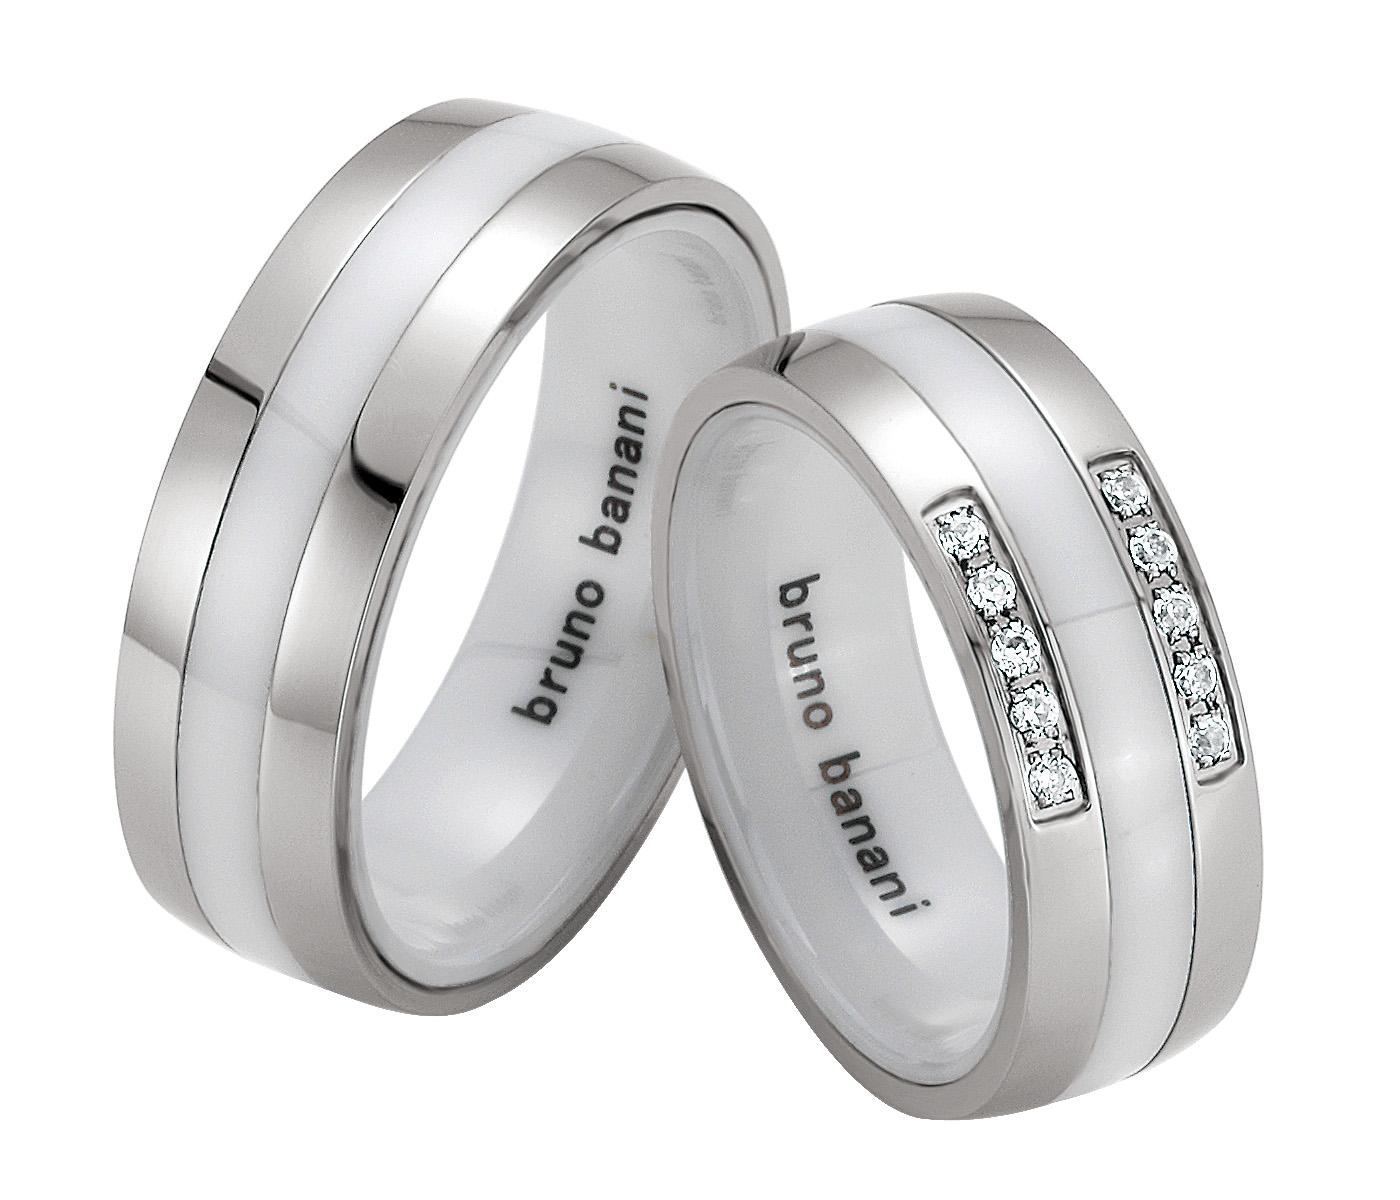 Bruno Banani Ceramic Ringe 44.84174 42.84174